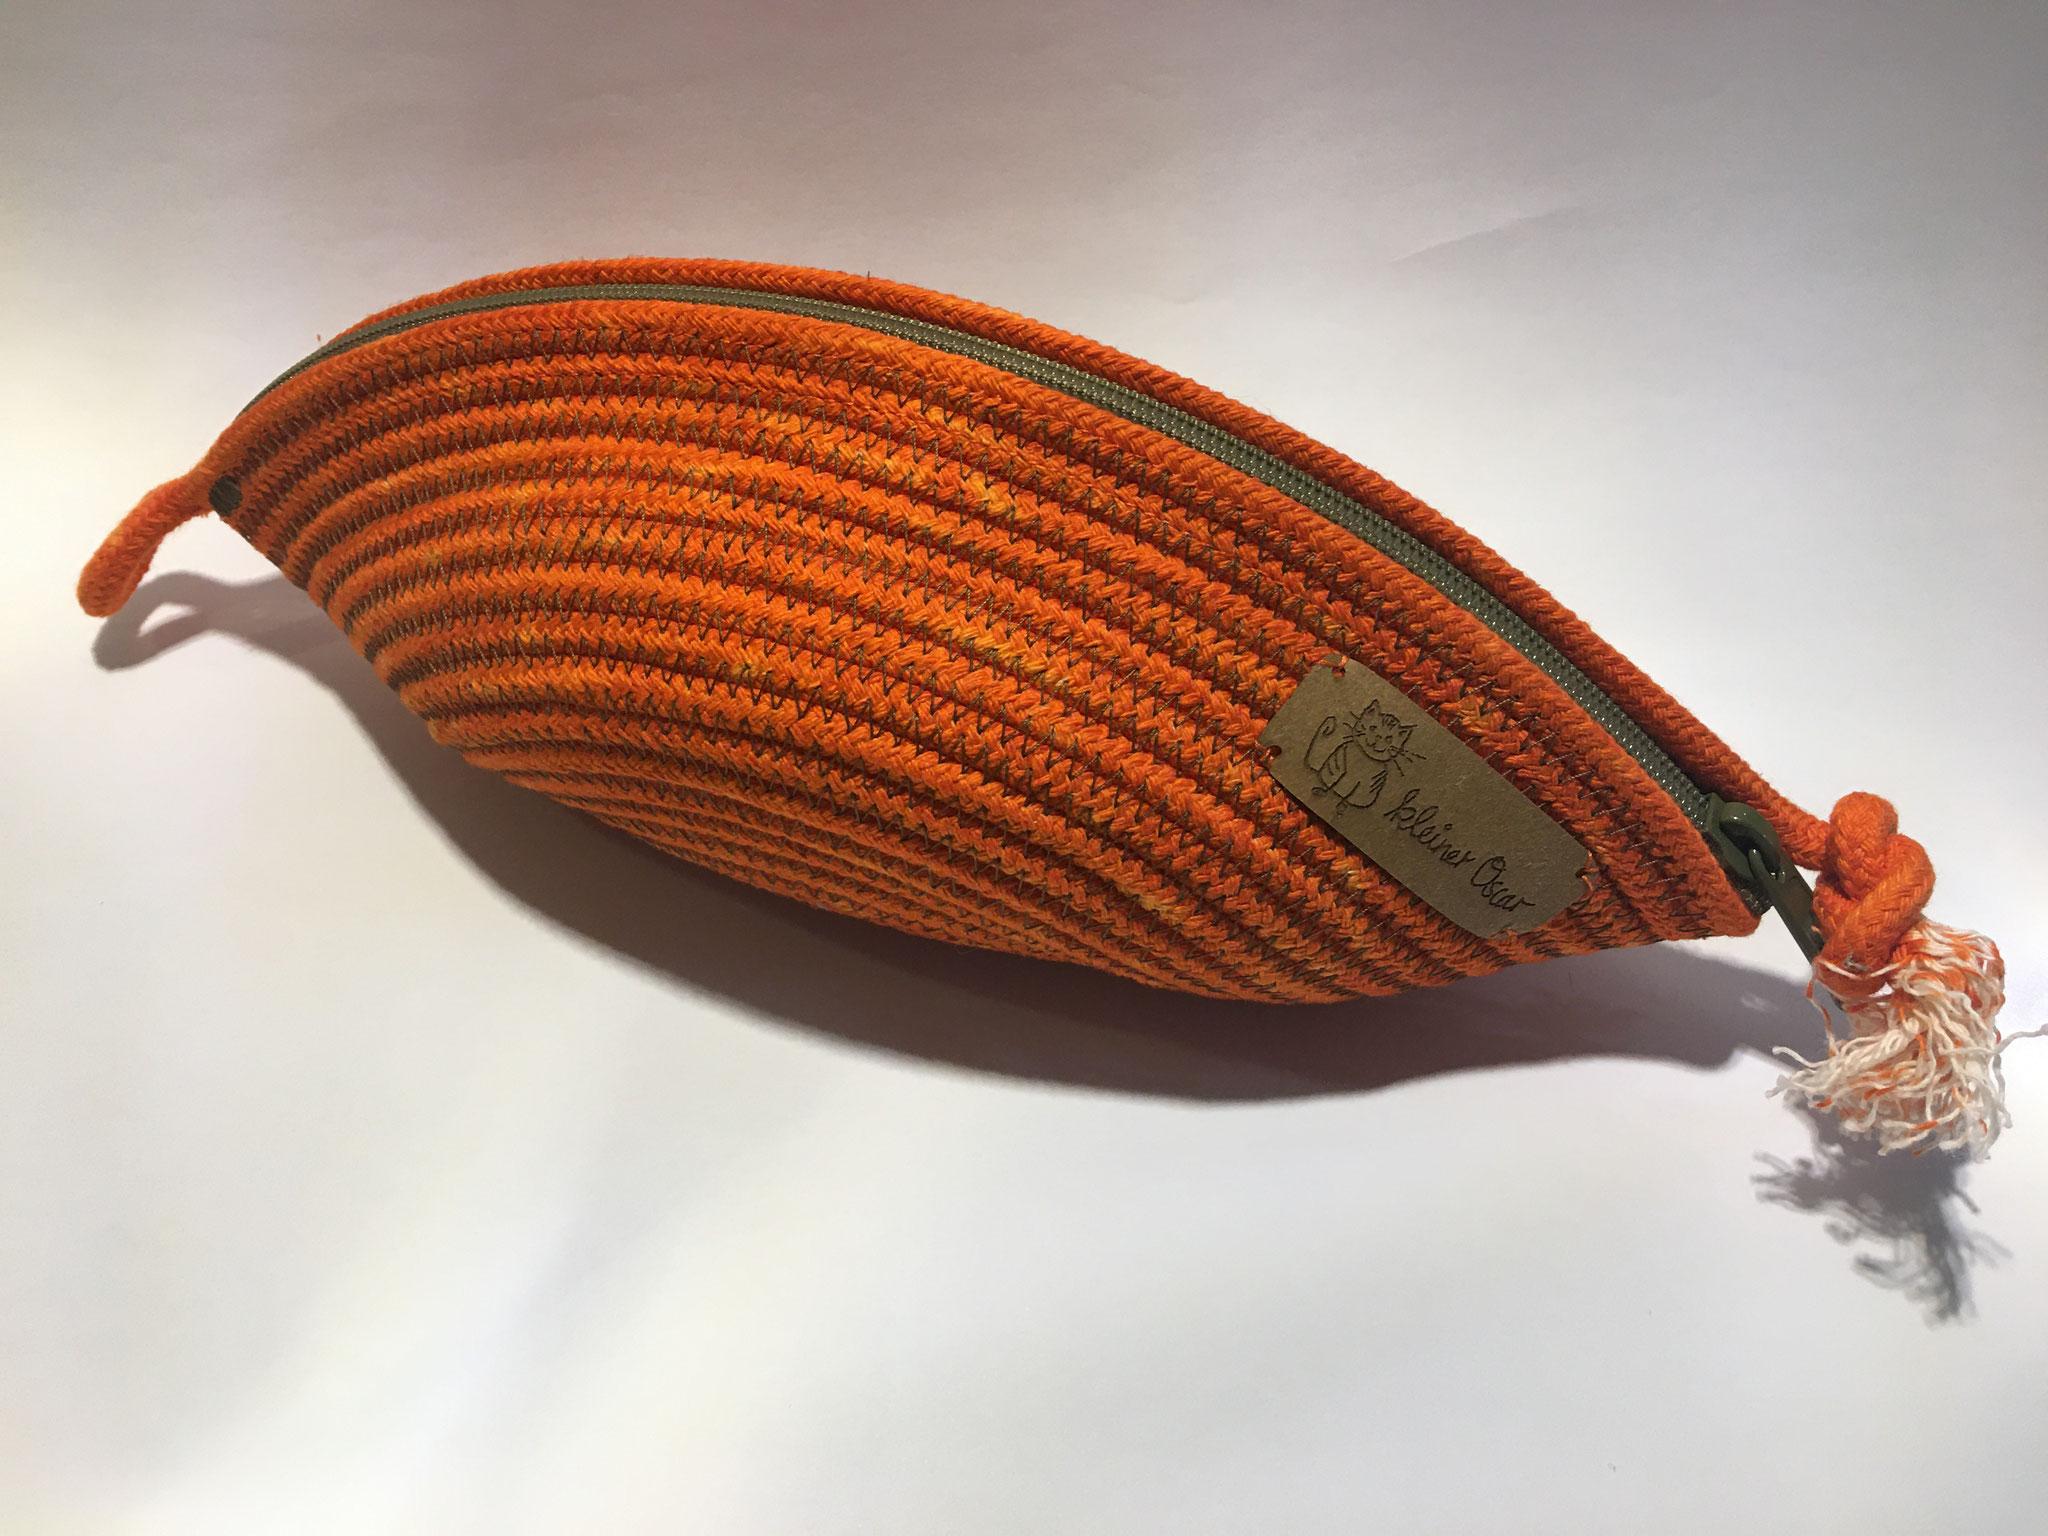 Kosmetiktasche pequeño Orange mit Khaki